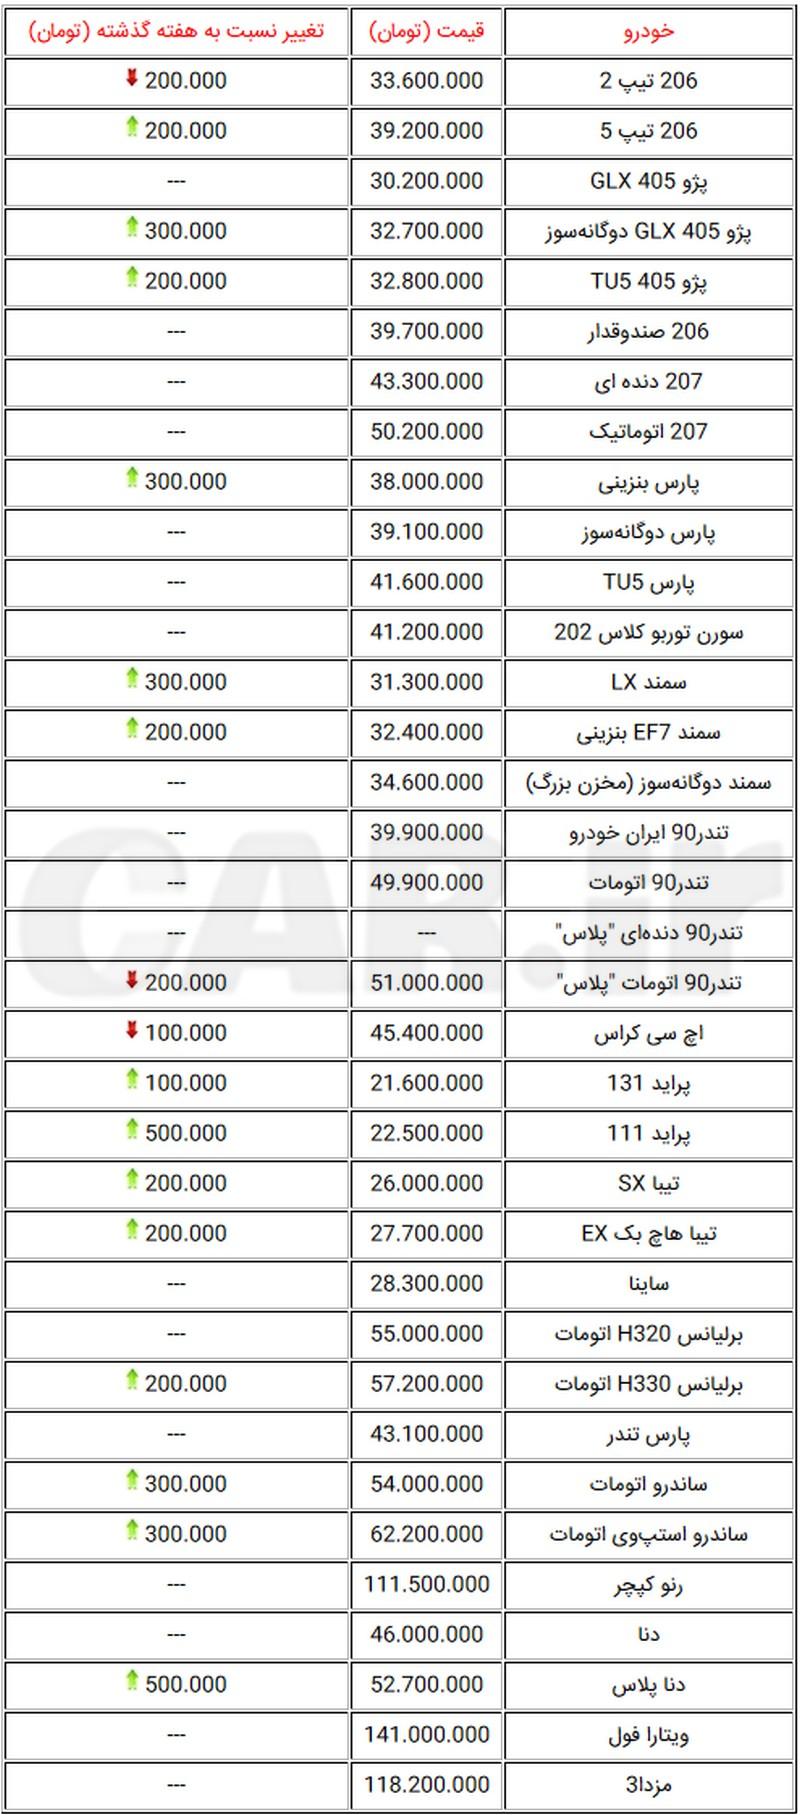 جدول قیمت پرفروشترین خودروهای تولید داخل در بازار تهران